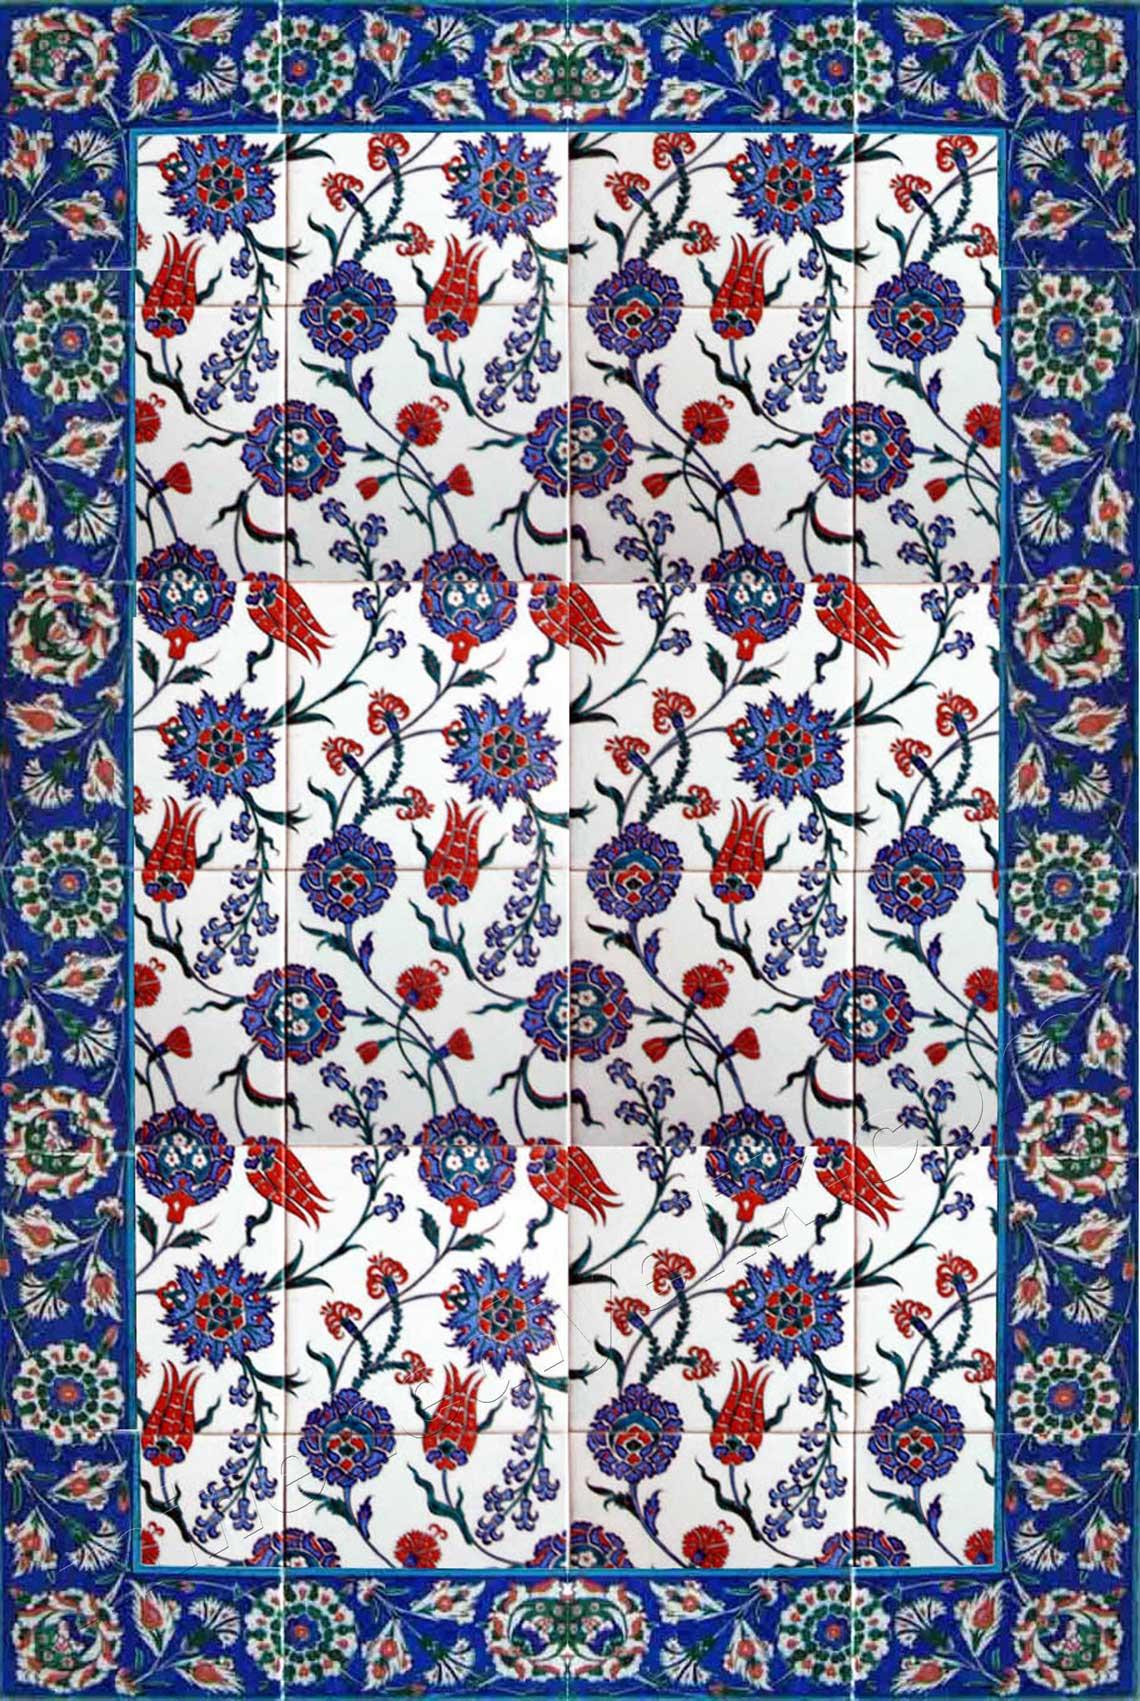 Özel ölçü çini pano imalat atölyesi Kütahya'da en iyi çini ustaları quvars altyapı çiniler laleli Osmanlı İznik mimari saray çinisi özel konut dekorasyonu